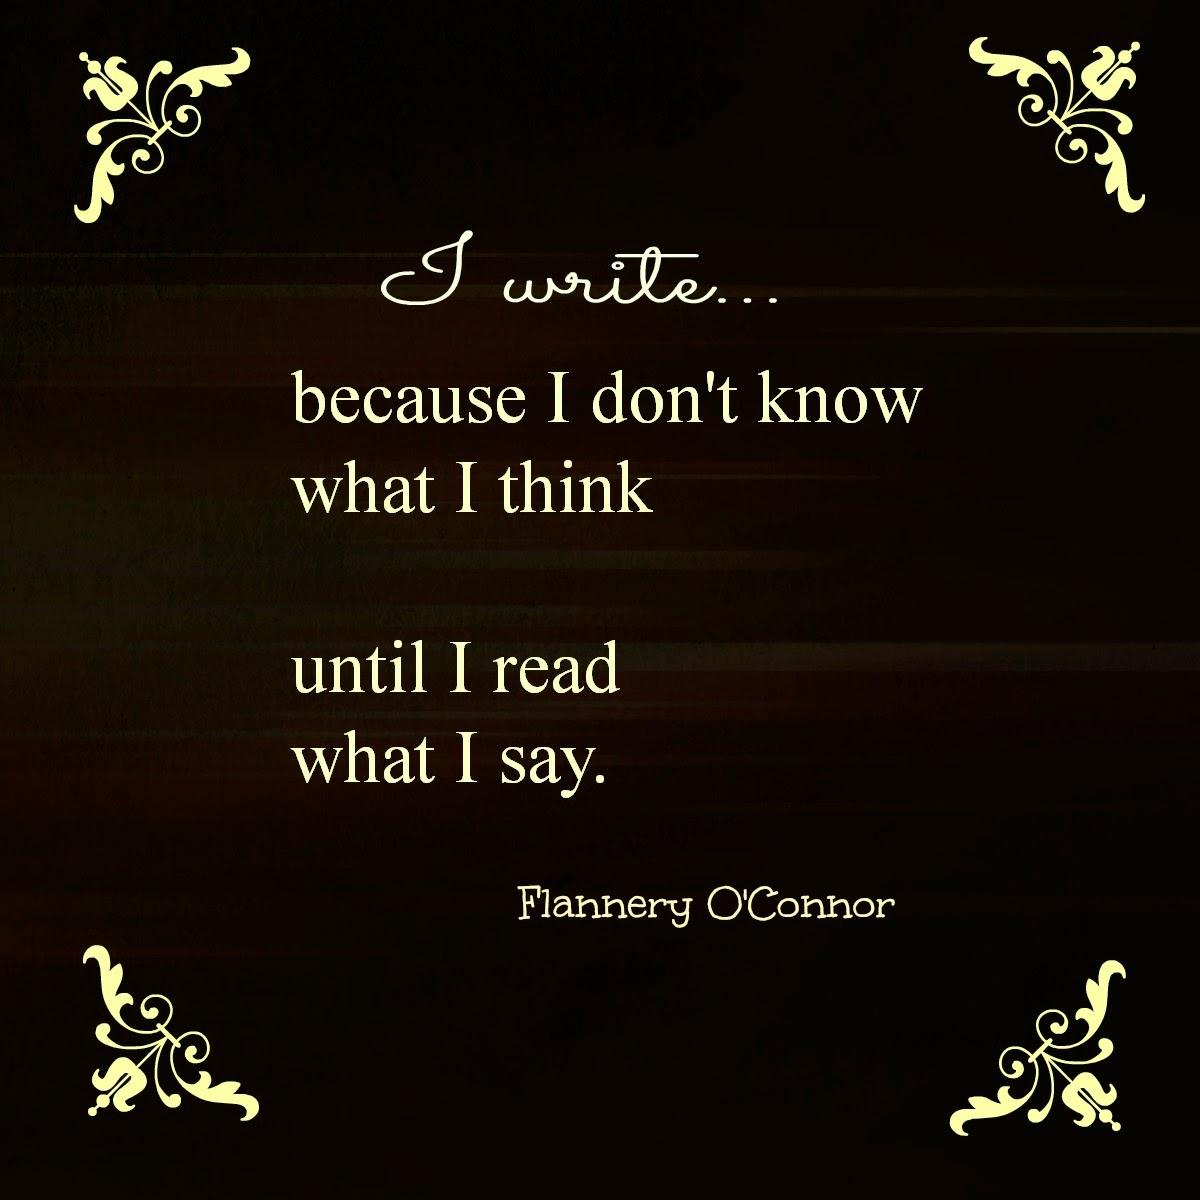 Why I write!